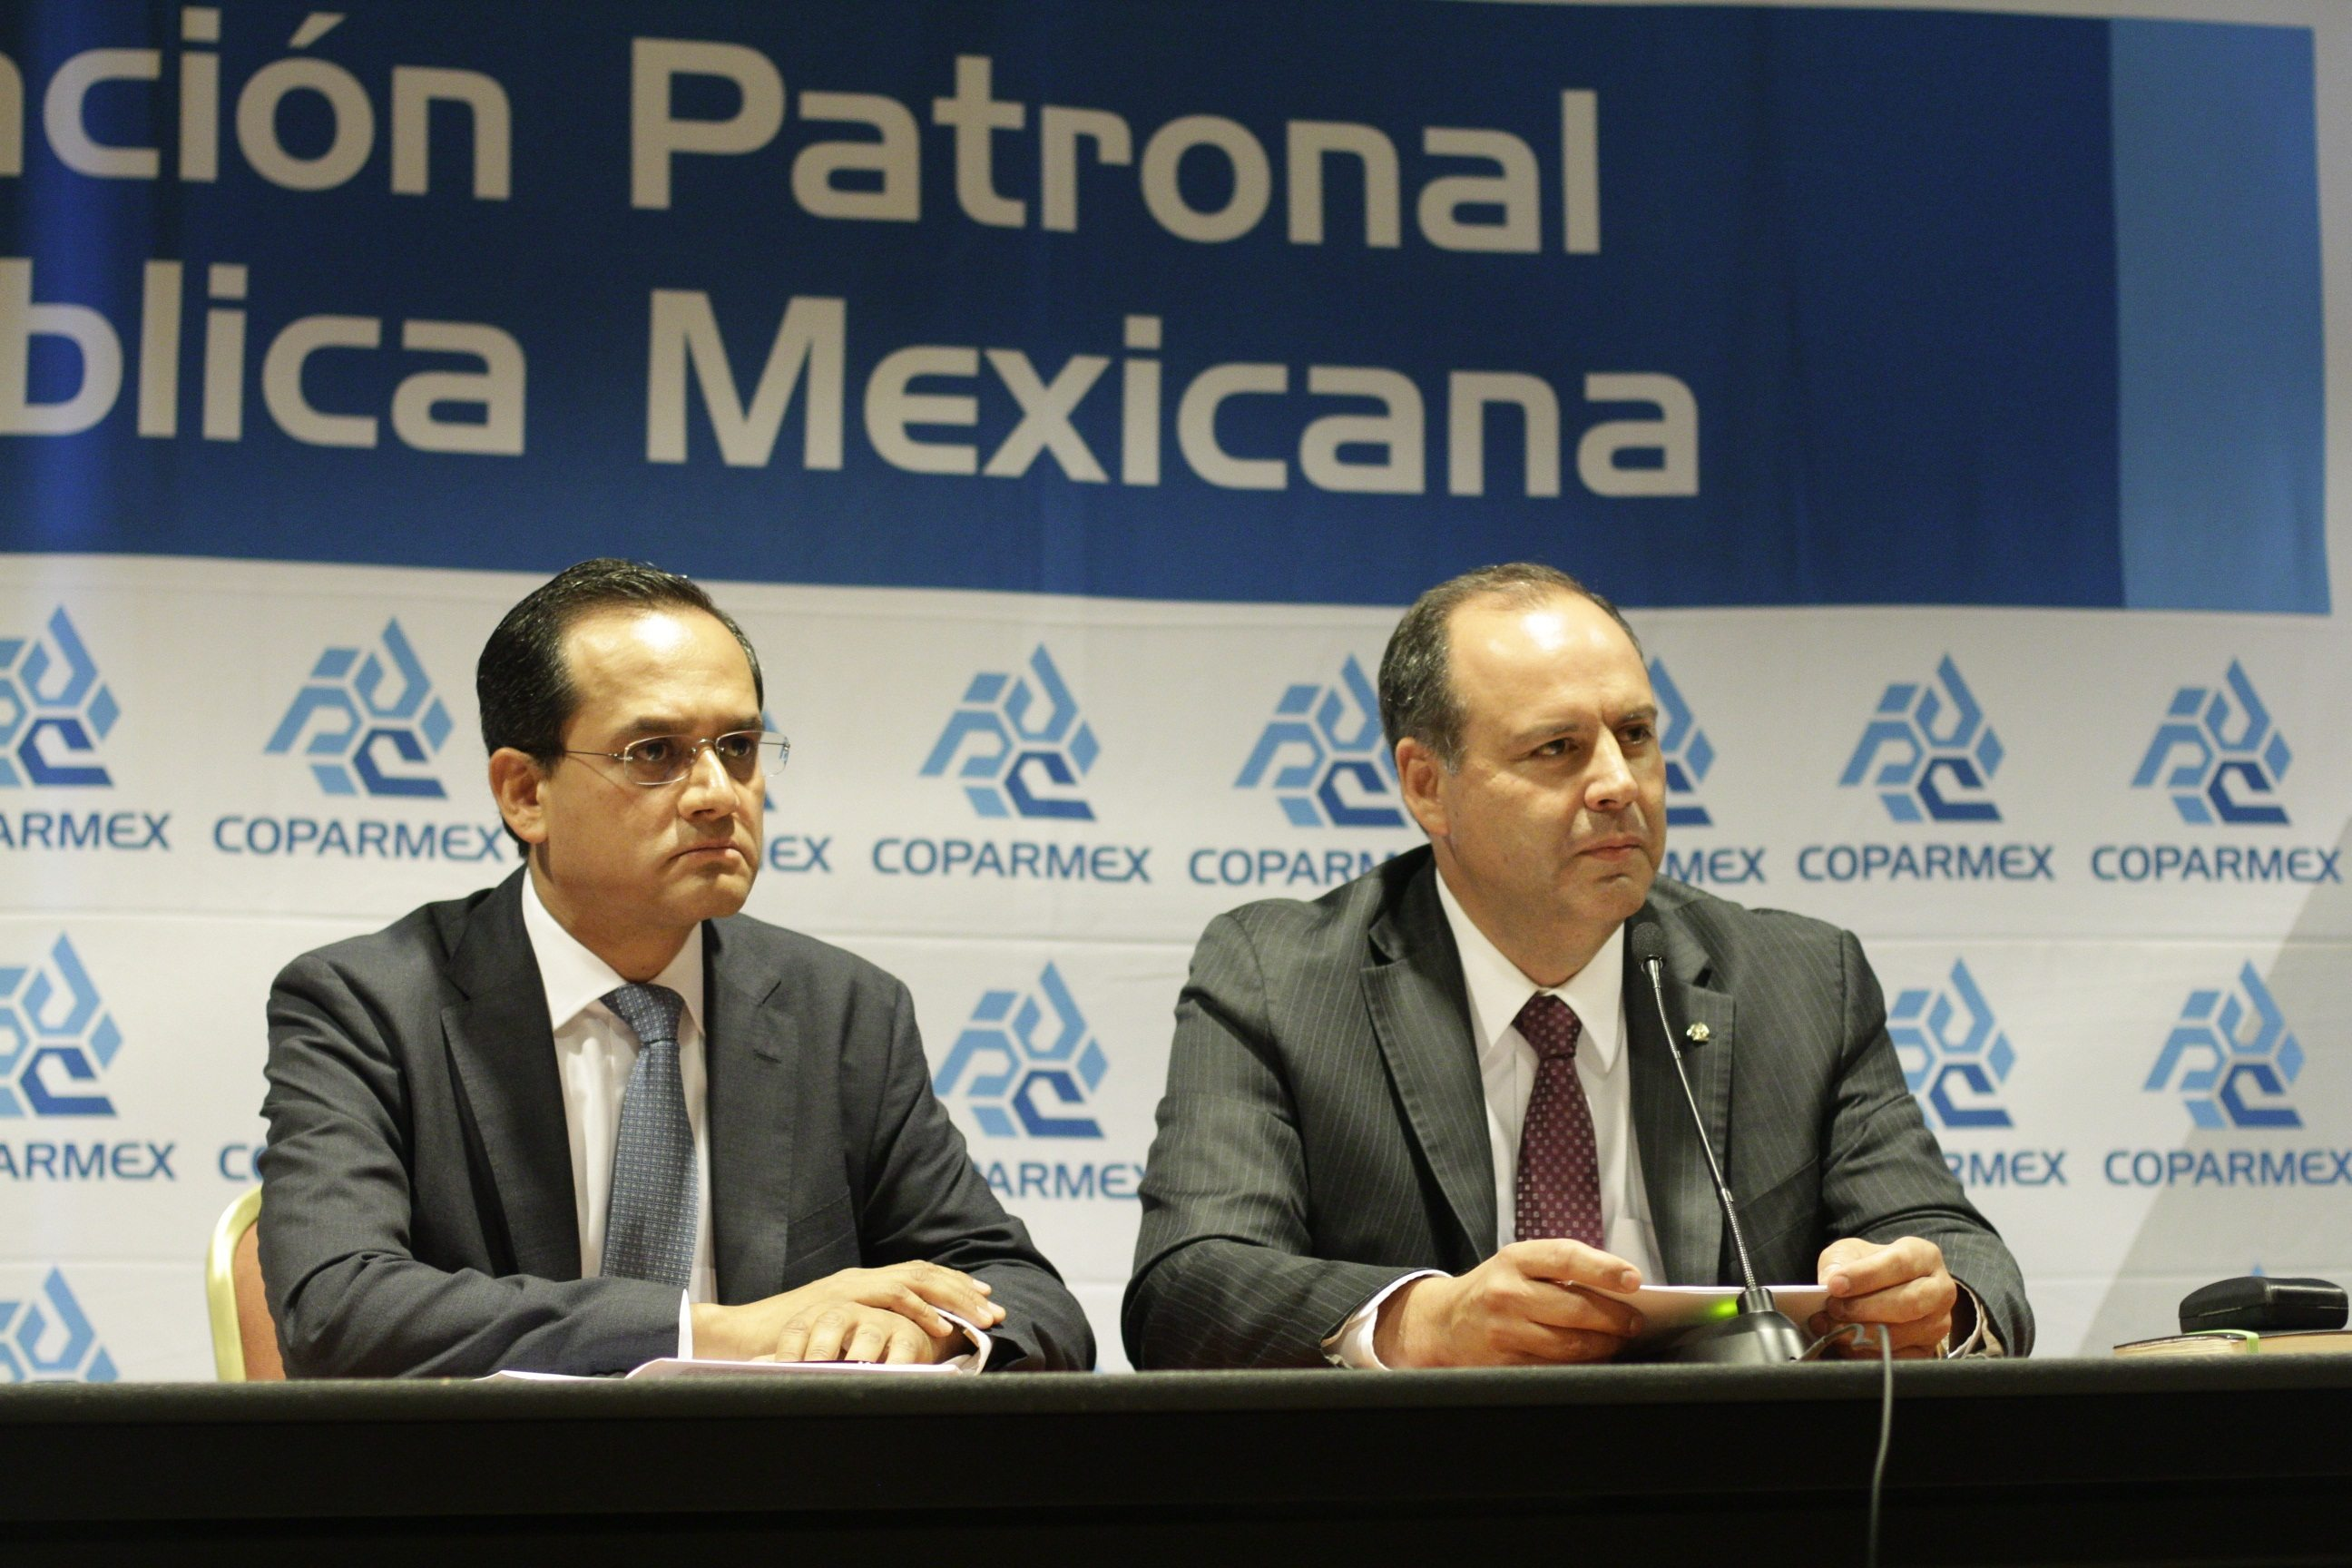 Coparmex pedirá al Congreso quitar tareas de seguridad a Segob